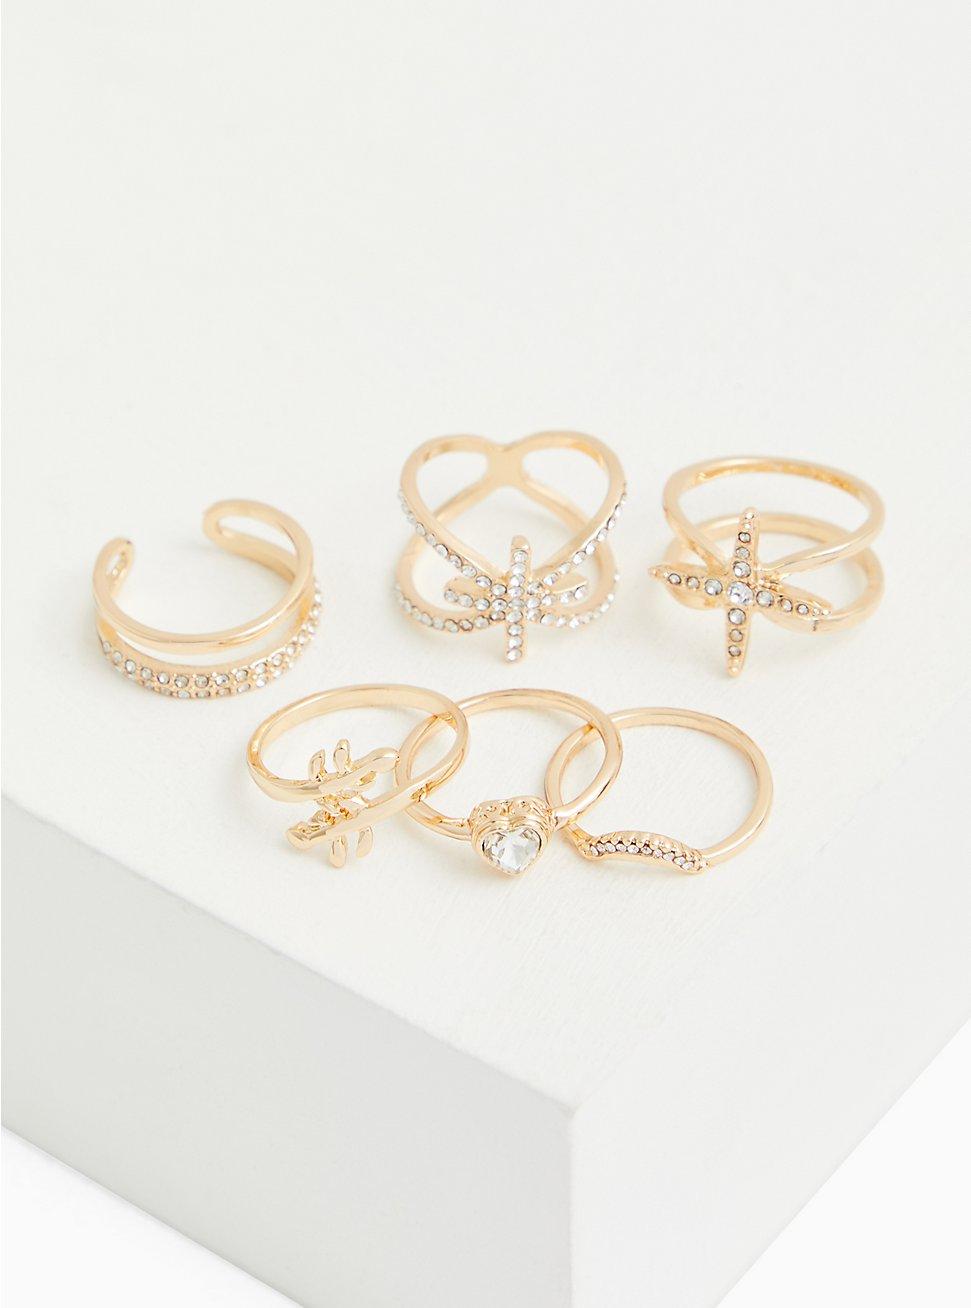 Plus Size Gold-Tone Starburst Ring Set - Set of 6, MULTI, hi-res